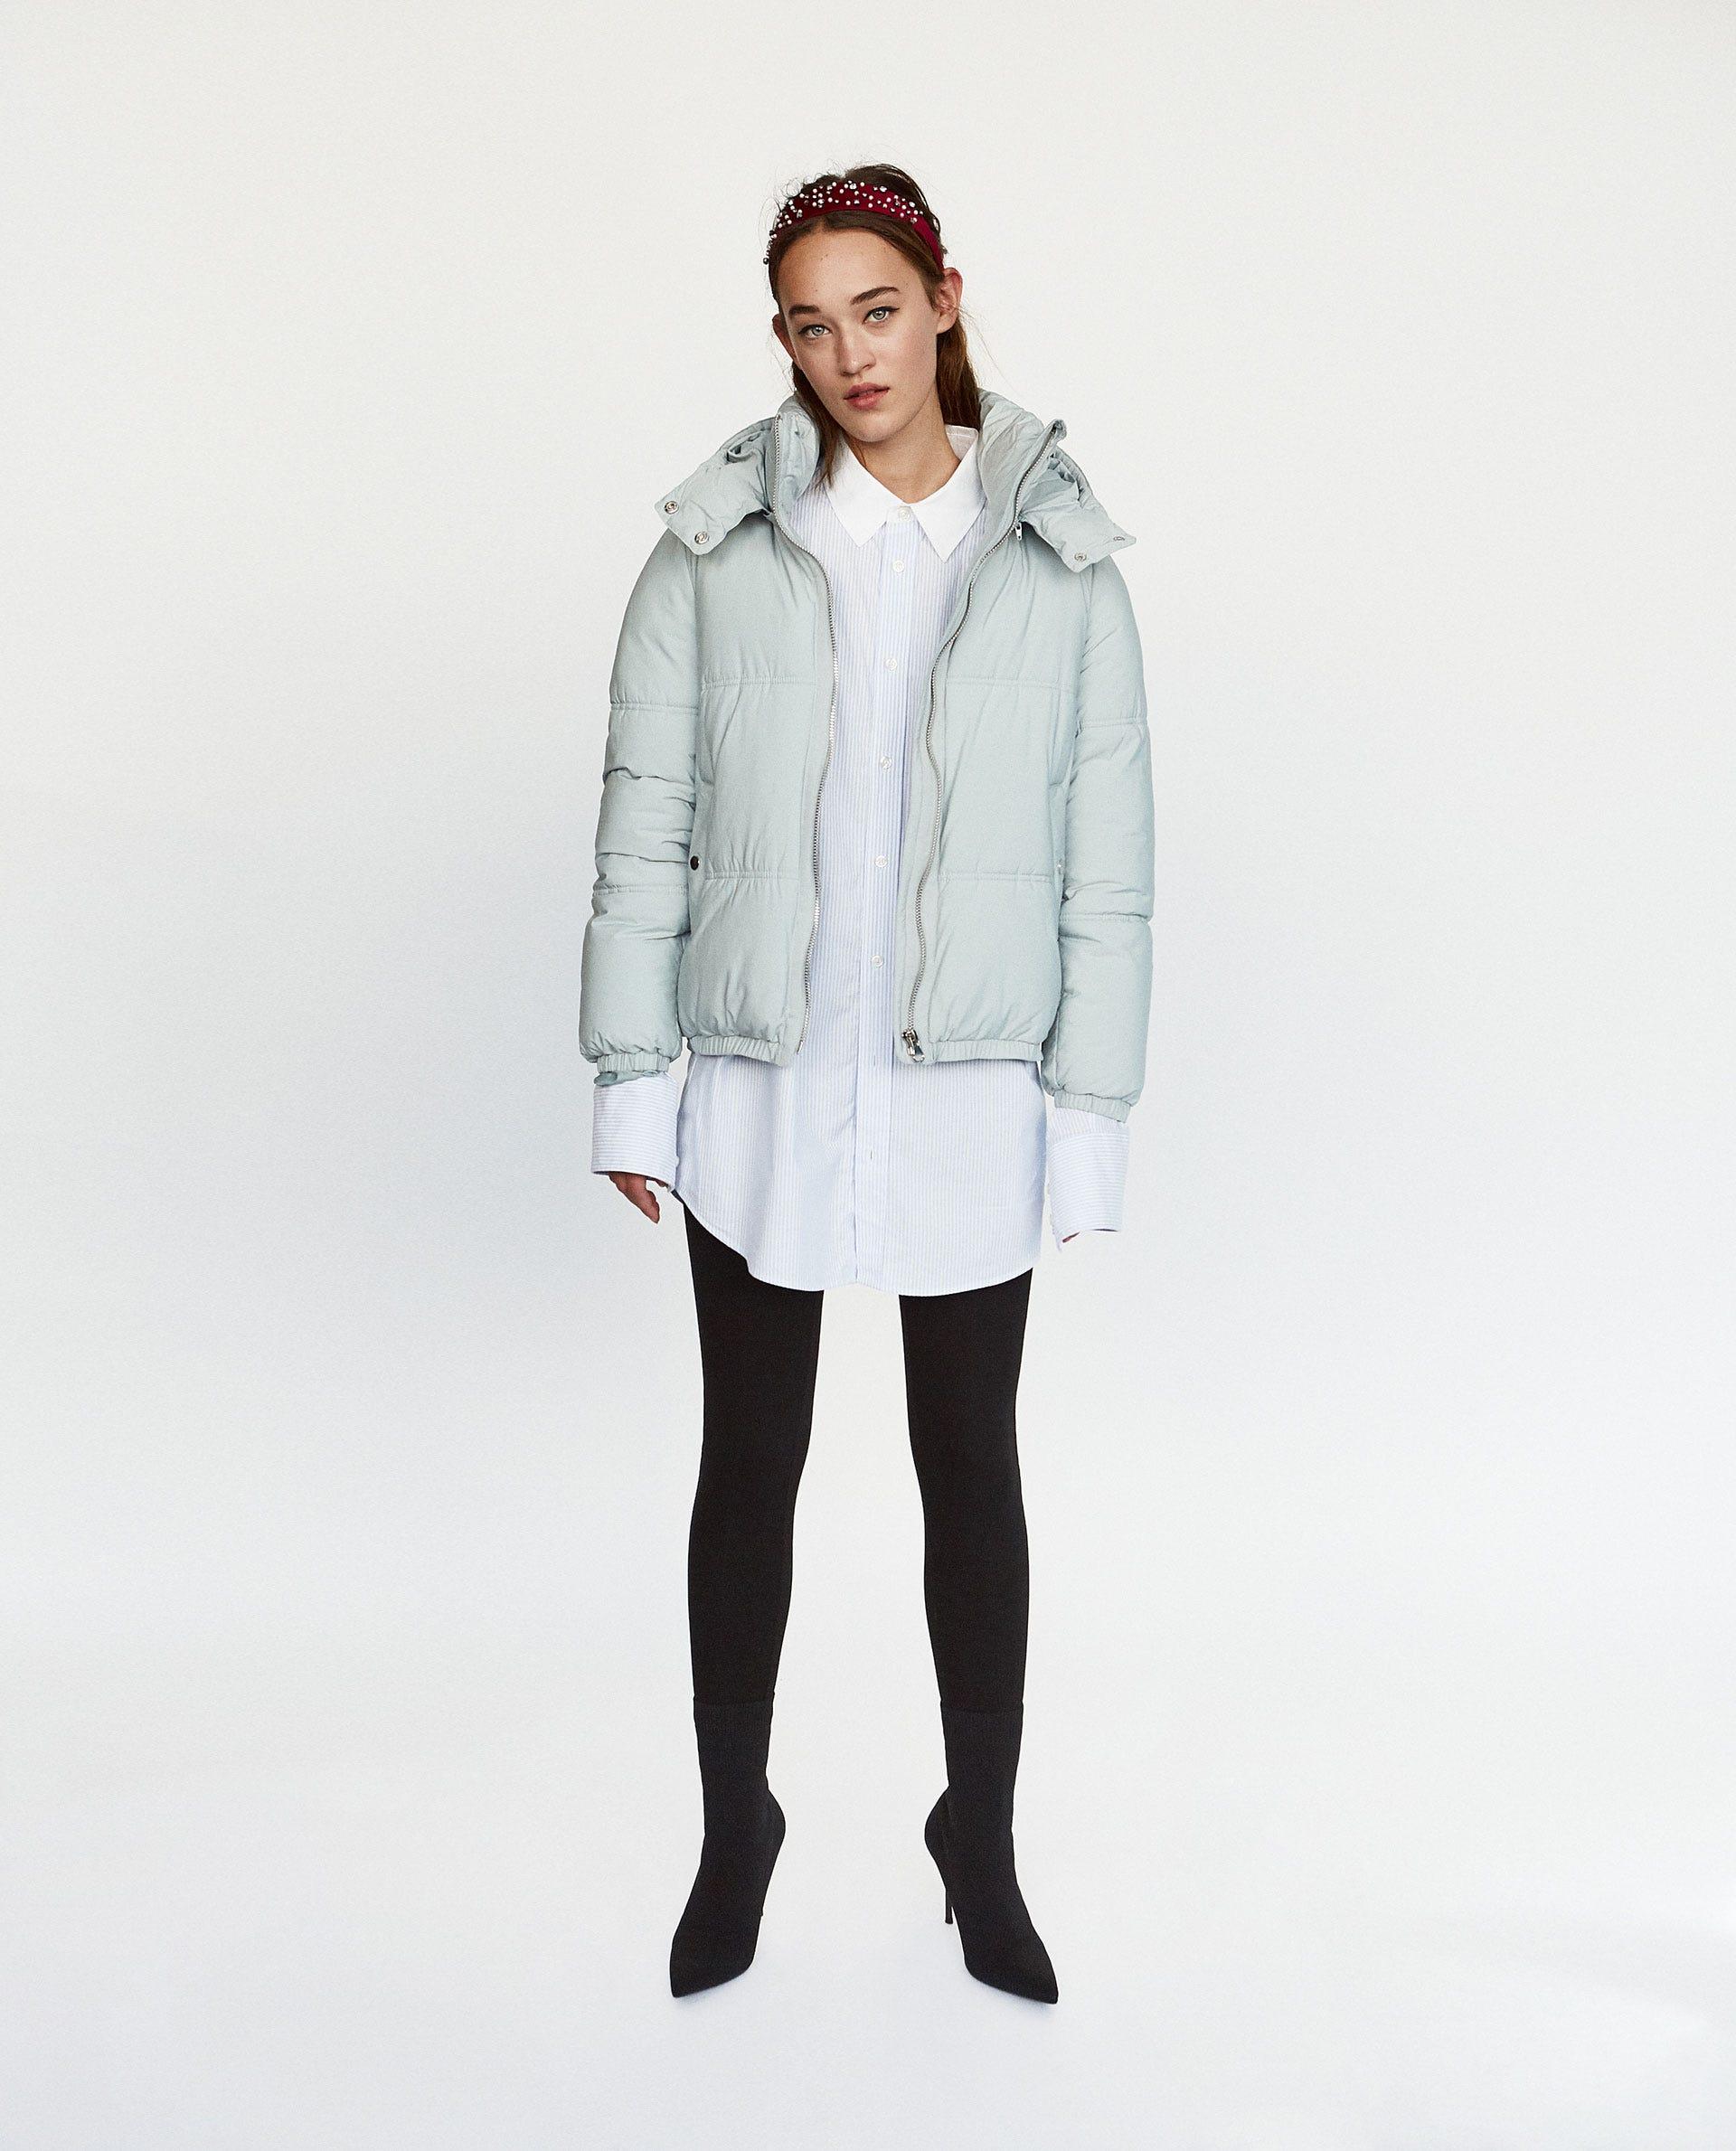 7a35cb0b Zara Winter 2017 Best New Puffer Jacket Coats Shop Now